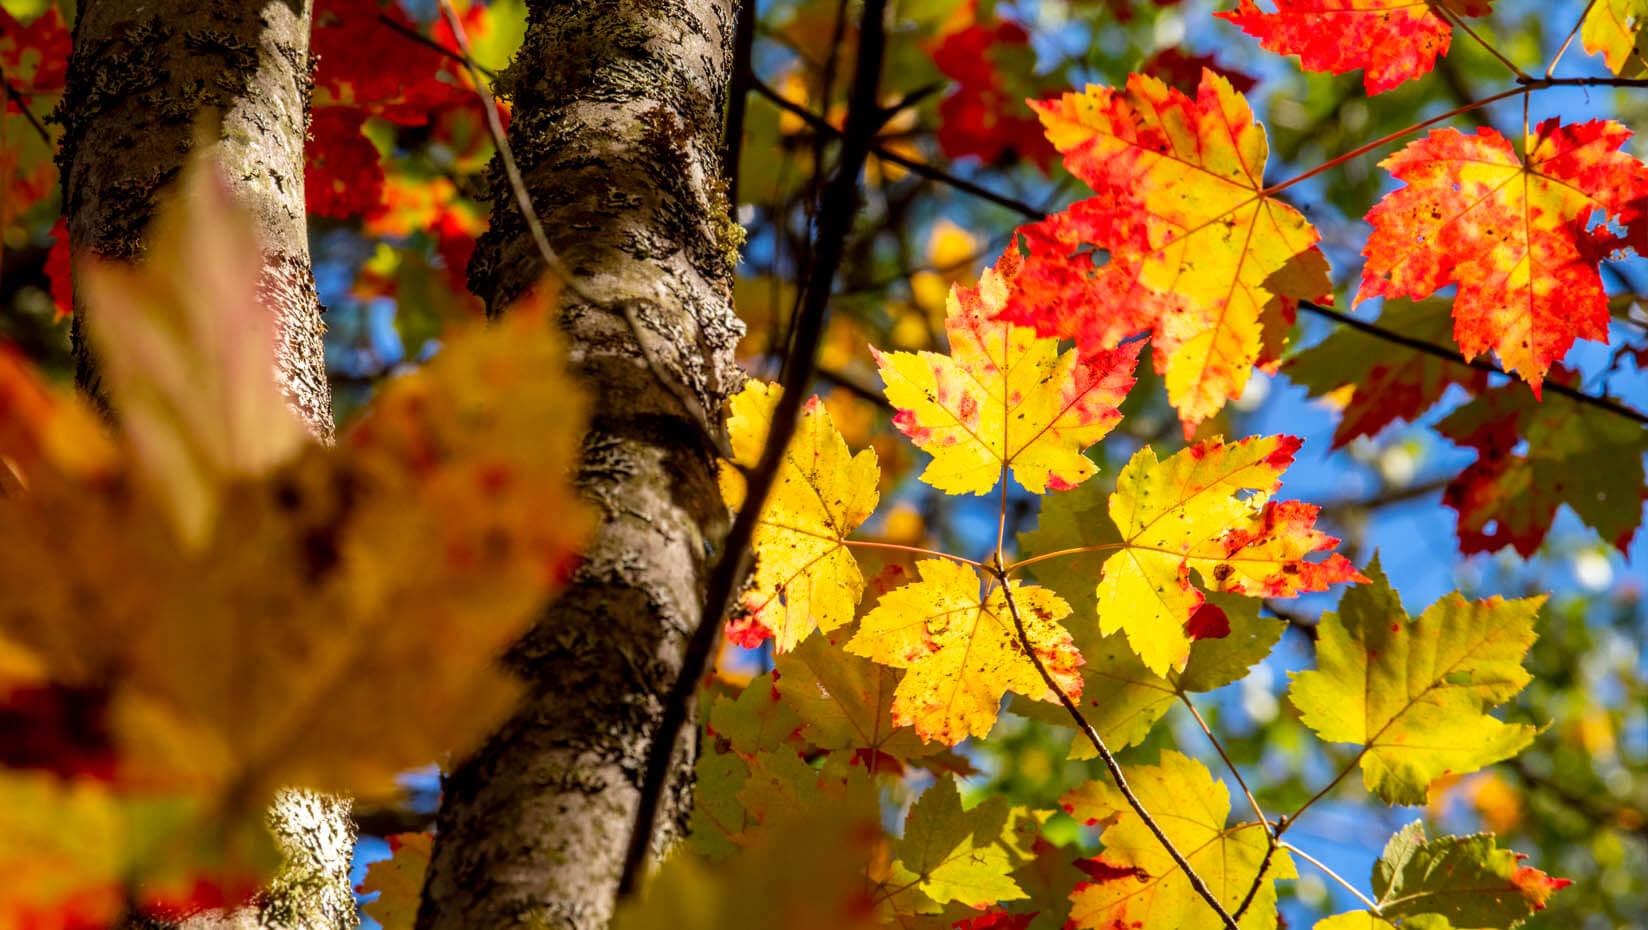 Fall leaves on trees